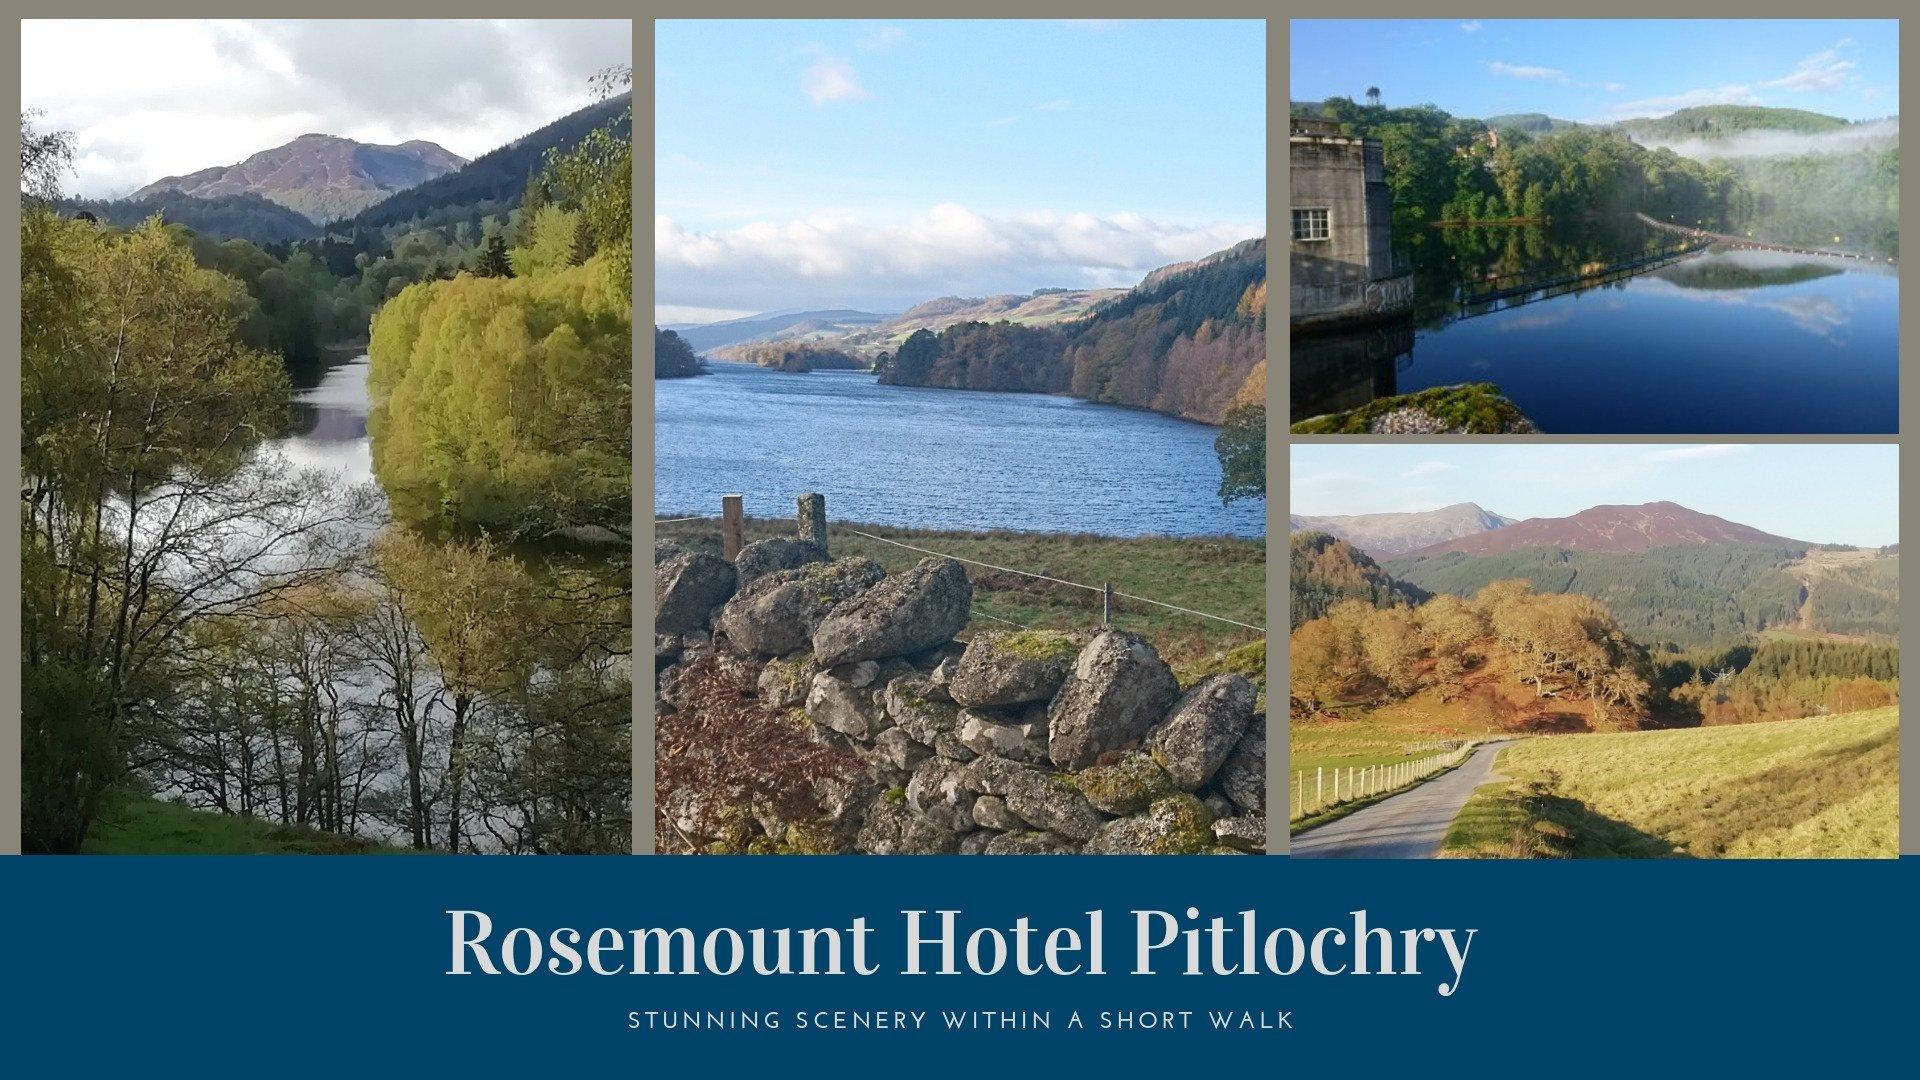 Rosemount Hotel Pitlochry - scenery nearby